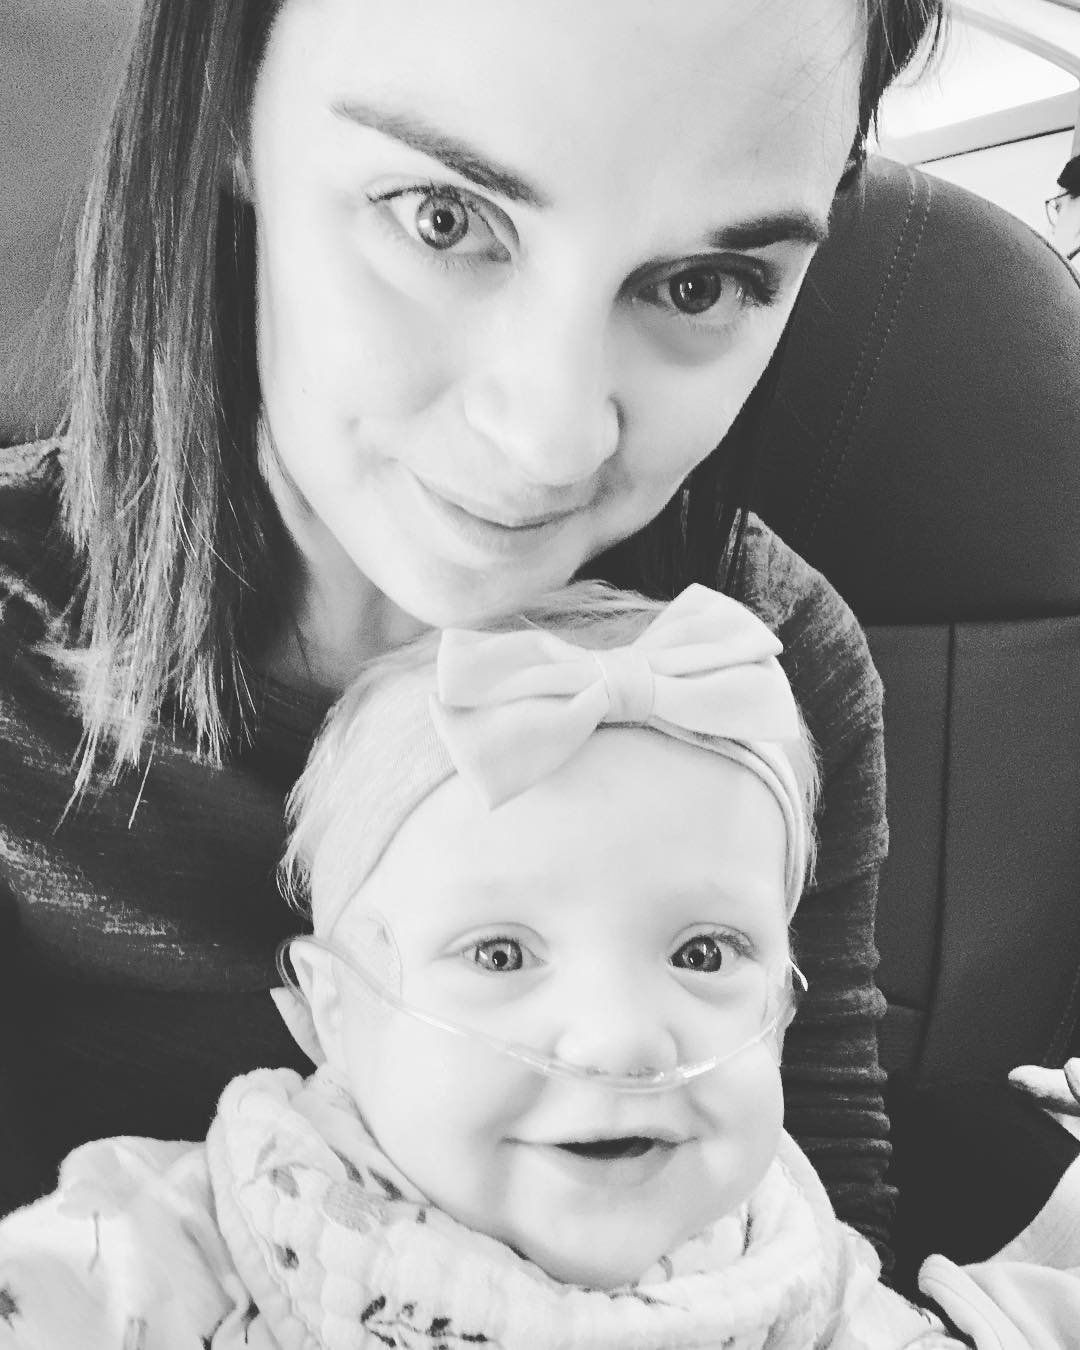 Bei Flug: Baby schreit minutenlang – dann reagiert ein fremder